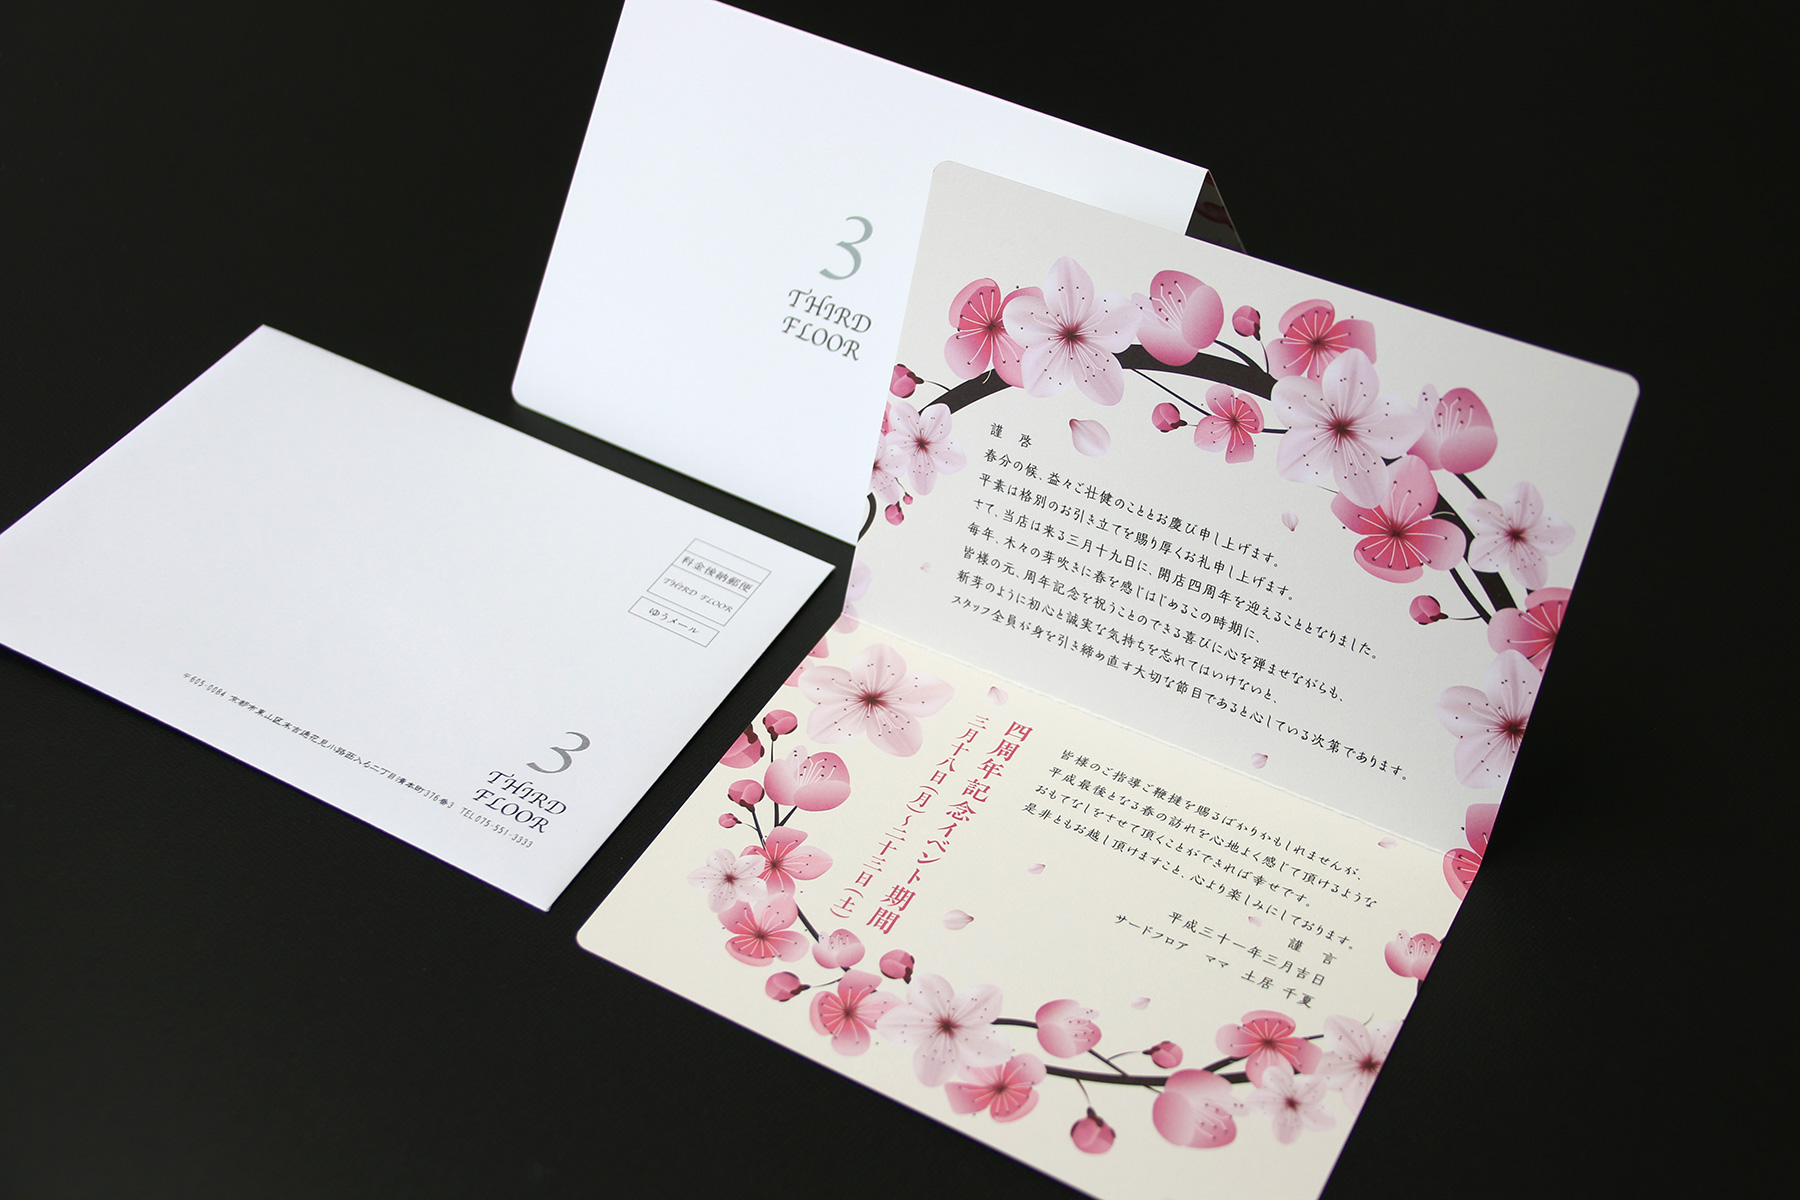 京都祇園サードフロア4周年記念招待状